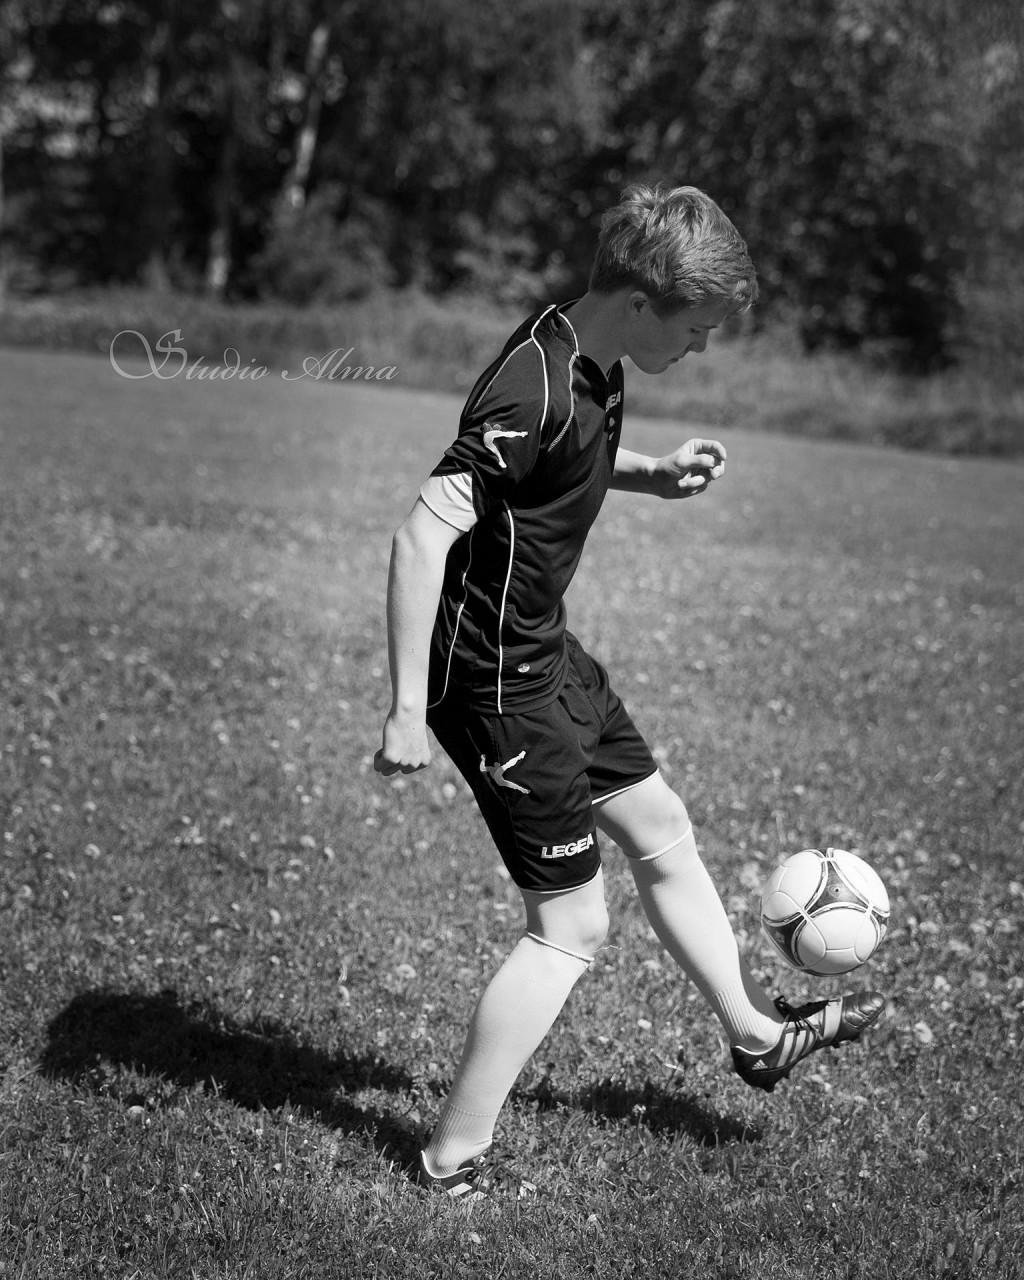 fotball-konfirmant-eirik-studioalma